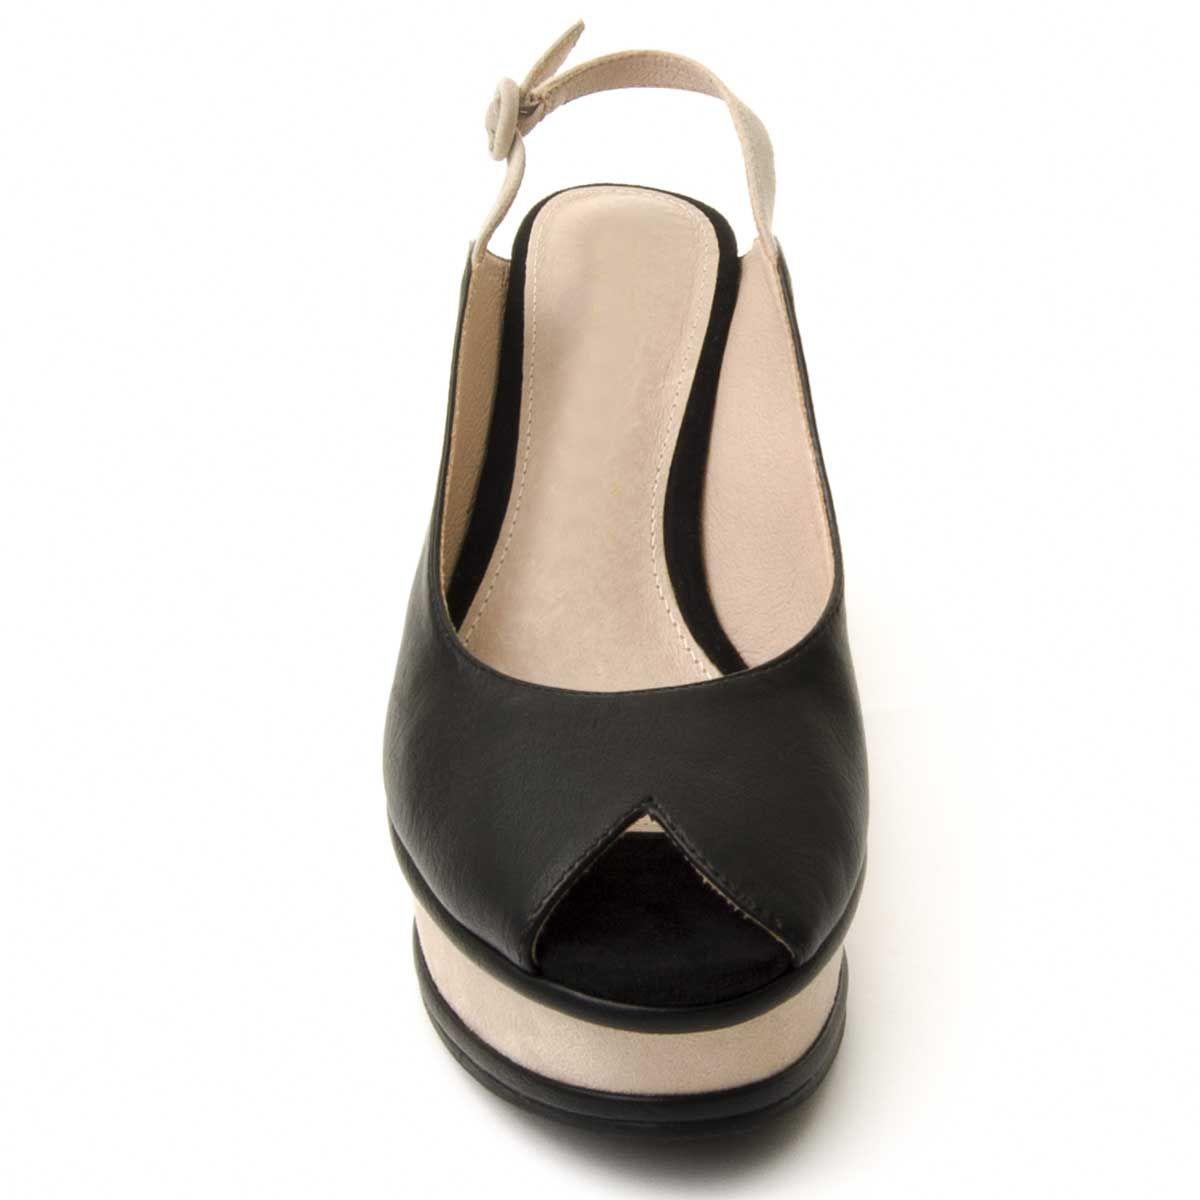 Montevita Chunky Heel Sandal in Black